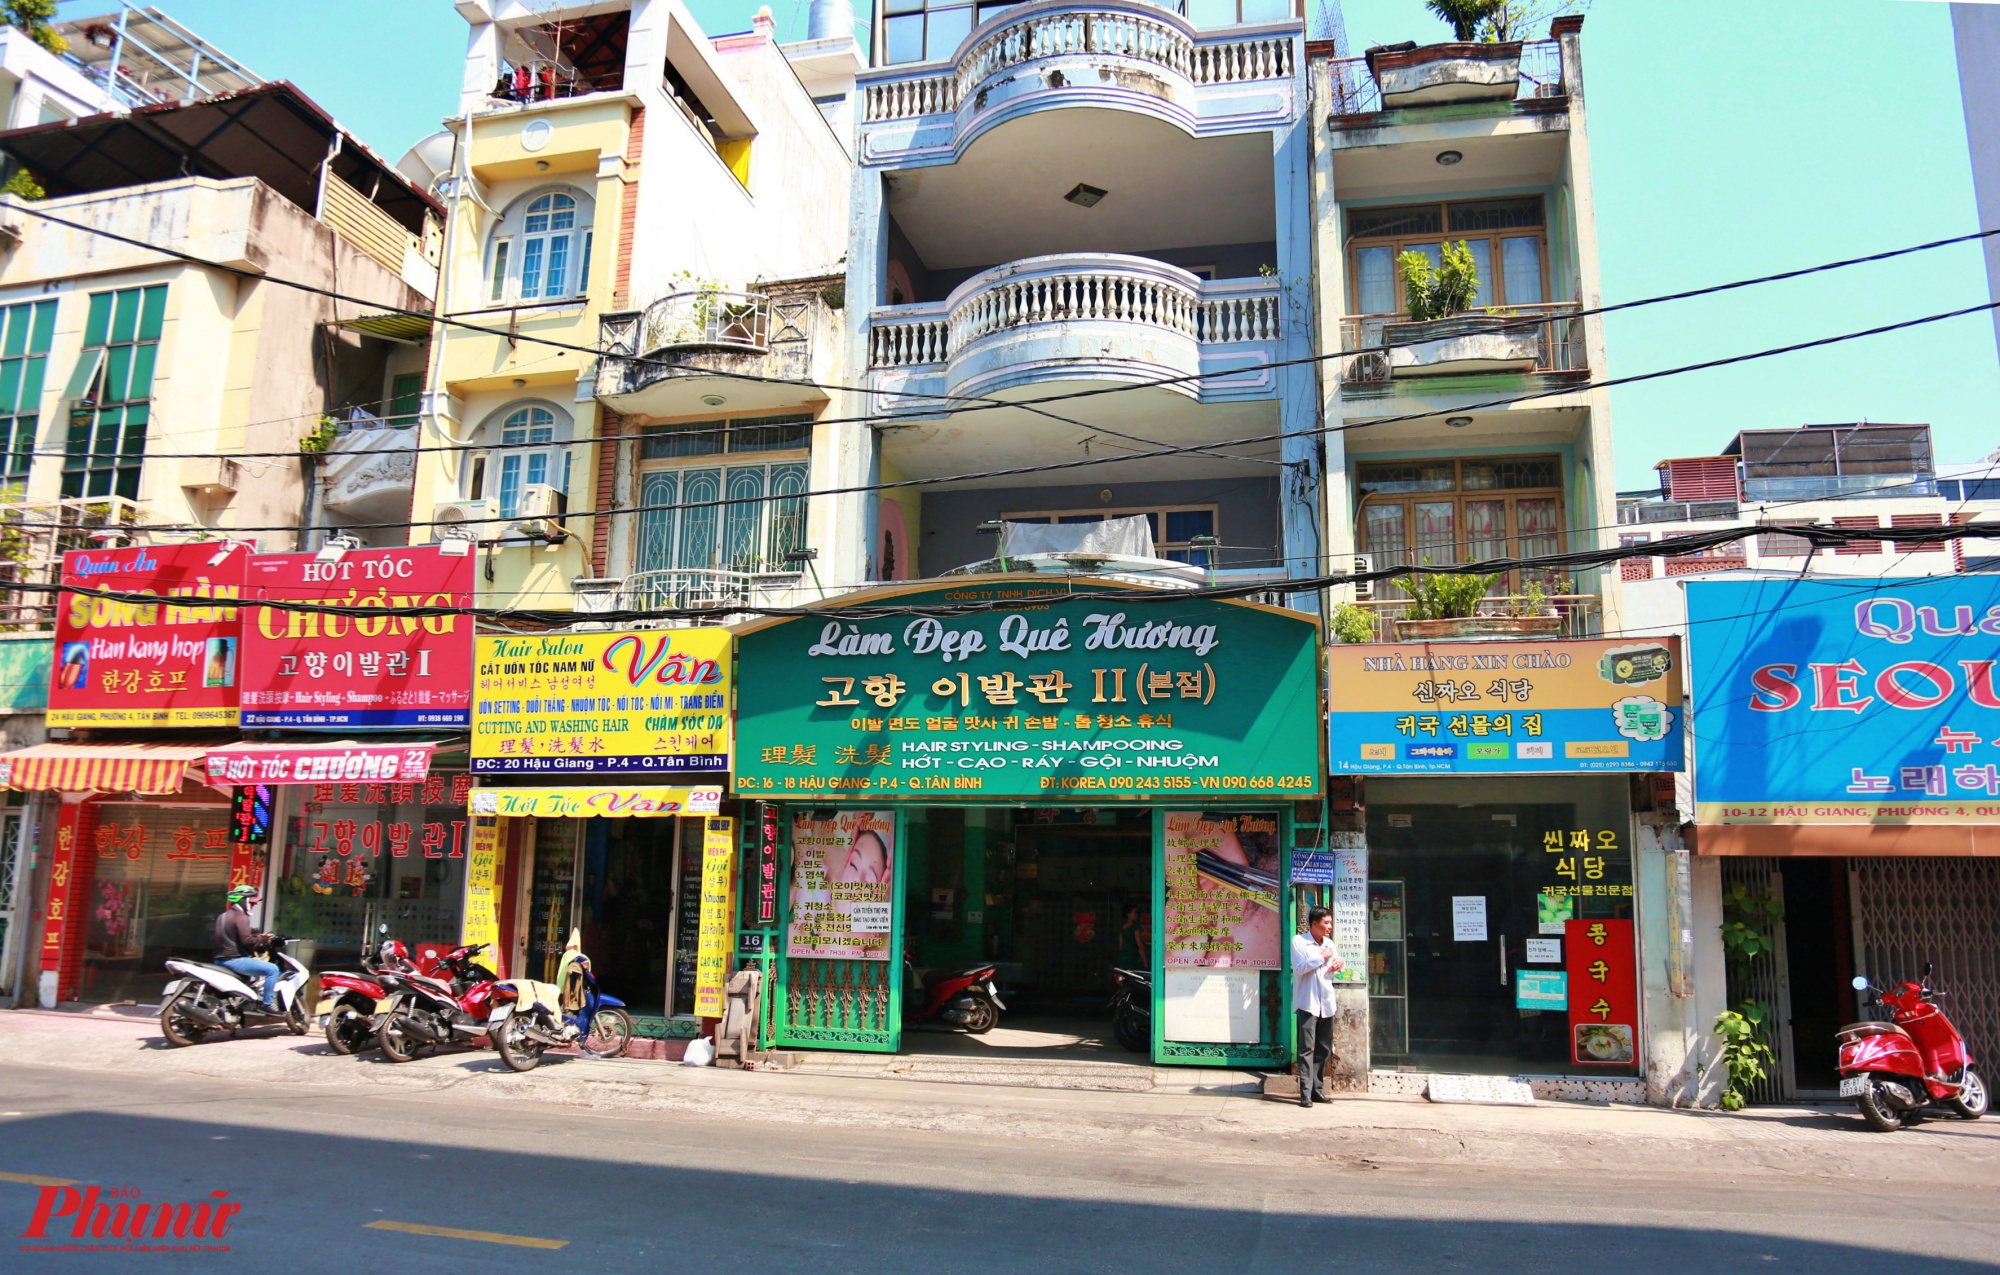 Khu phố Hàn Quốc ở  thuộc P.4, Q.Tân Bình, gần sân bay Tân Sơn Nhất có đến hàng chục hàng quán ẩm thực, siêu thị, tạp hóa lẫn massage của người Hàn... trong những ngày này vắng vẻ ảm đạm do ảnh hưởng của dịch COVID 19